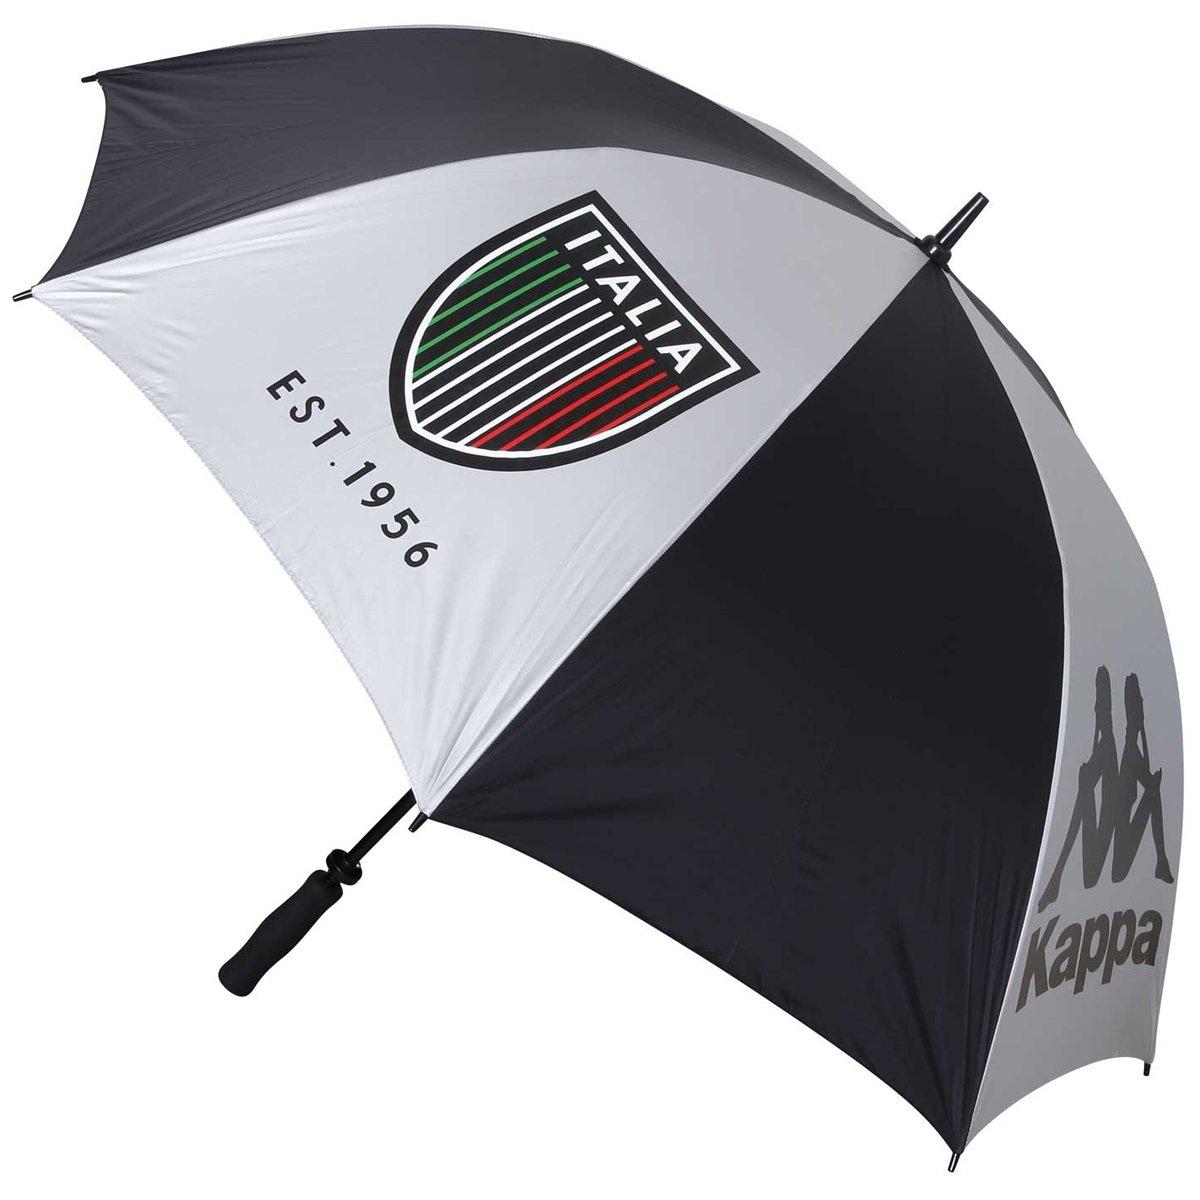 カッパ Kappa 傘 晴雨兼用傘 KG618AZ33 B01D9KHJQ0ブラック